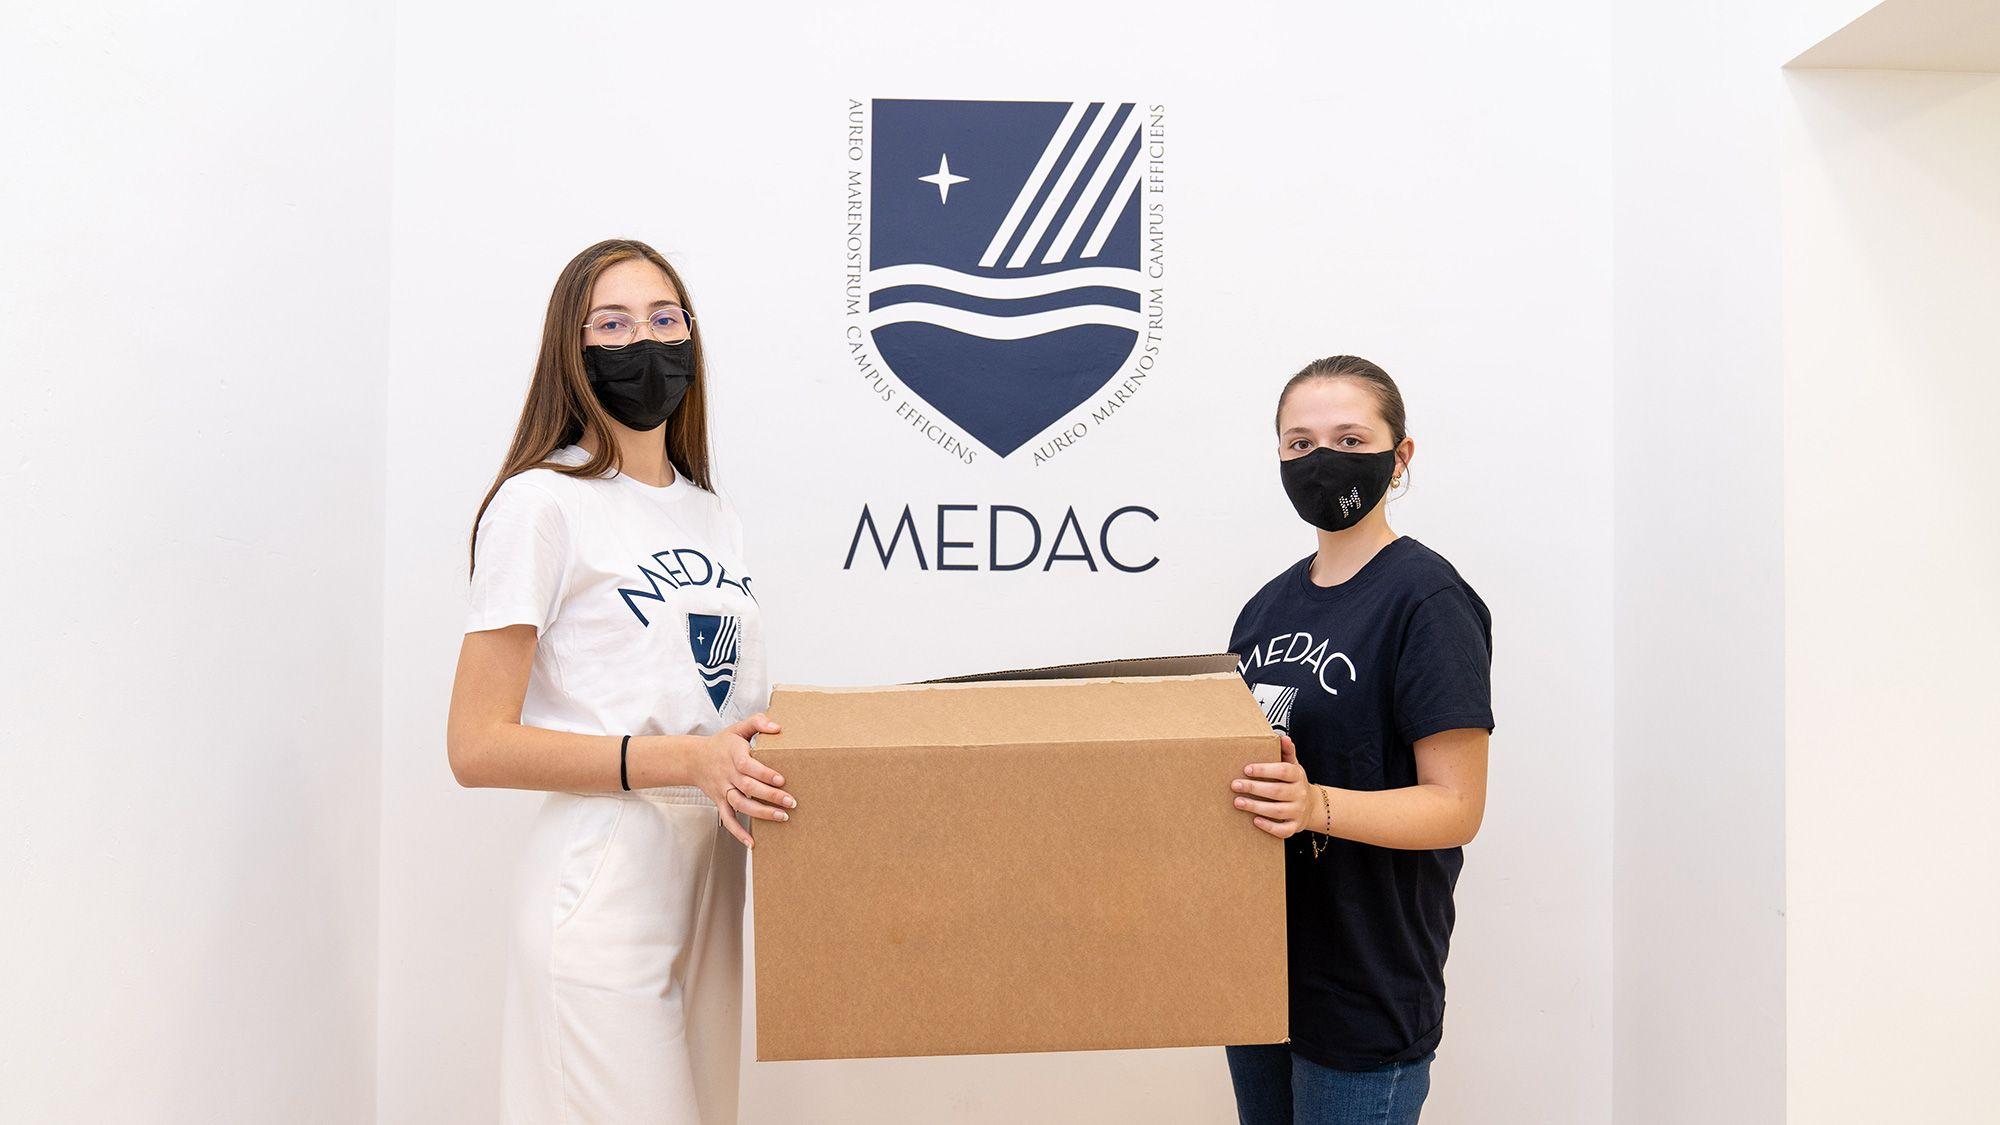 MEDAC dona 500 kilos de ropa nueva a la Asociación Madre Coraje